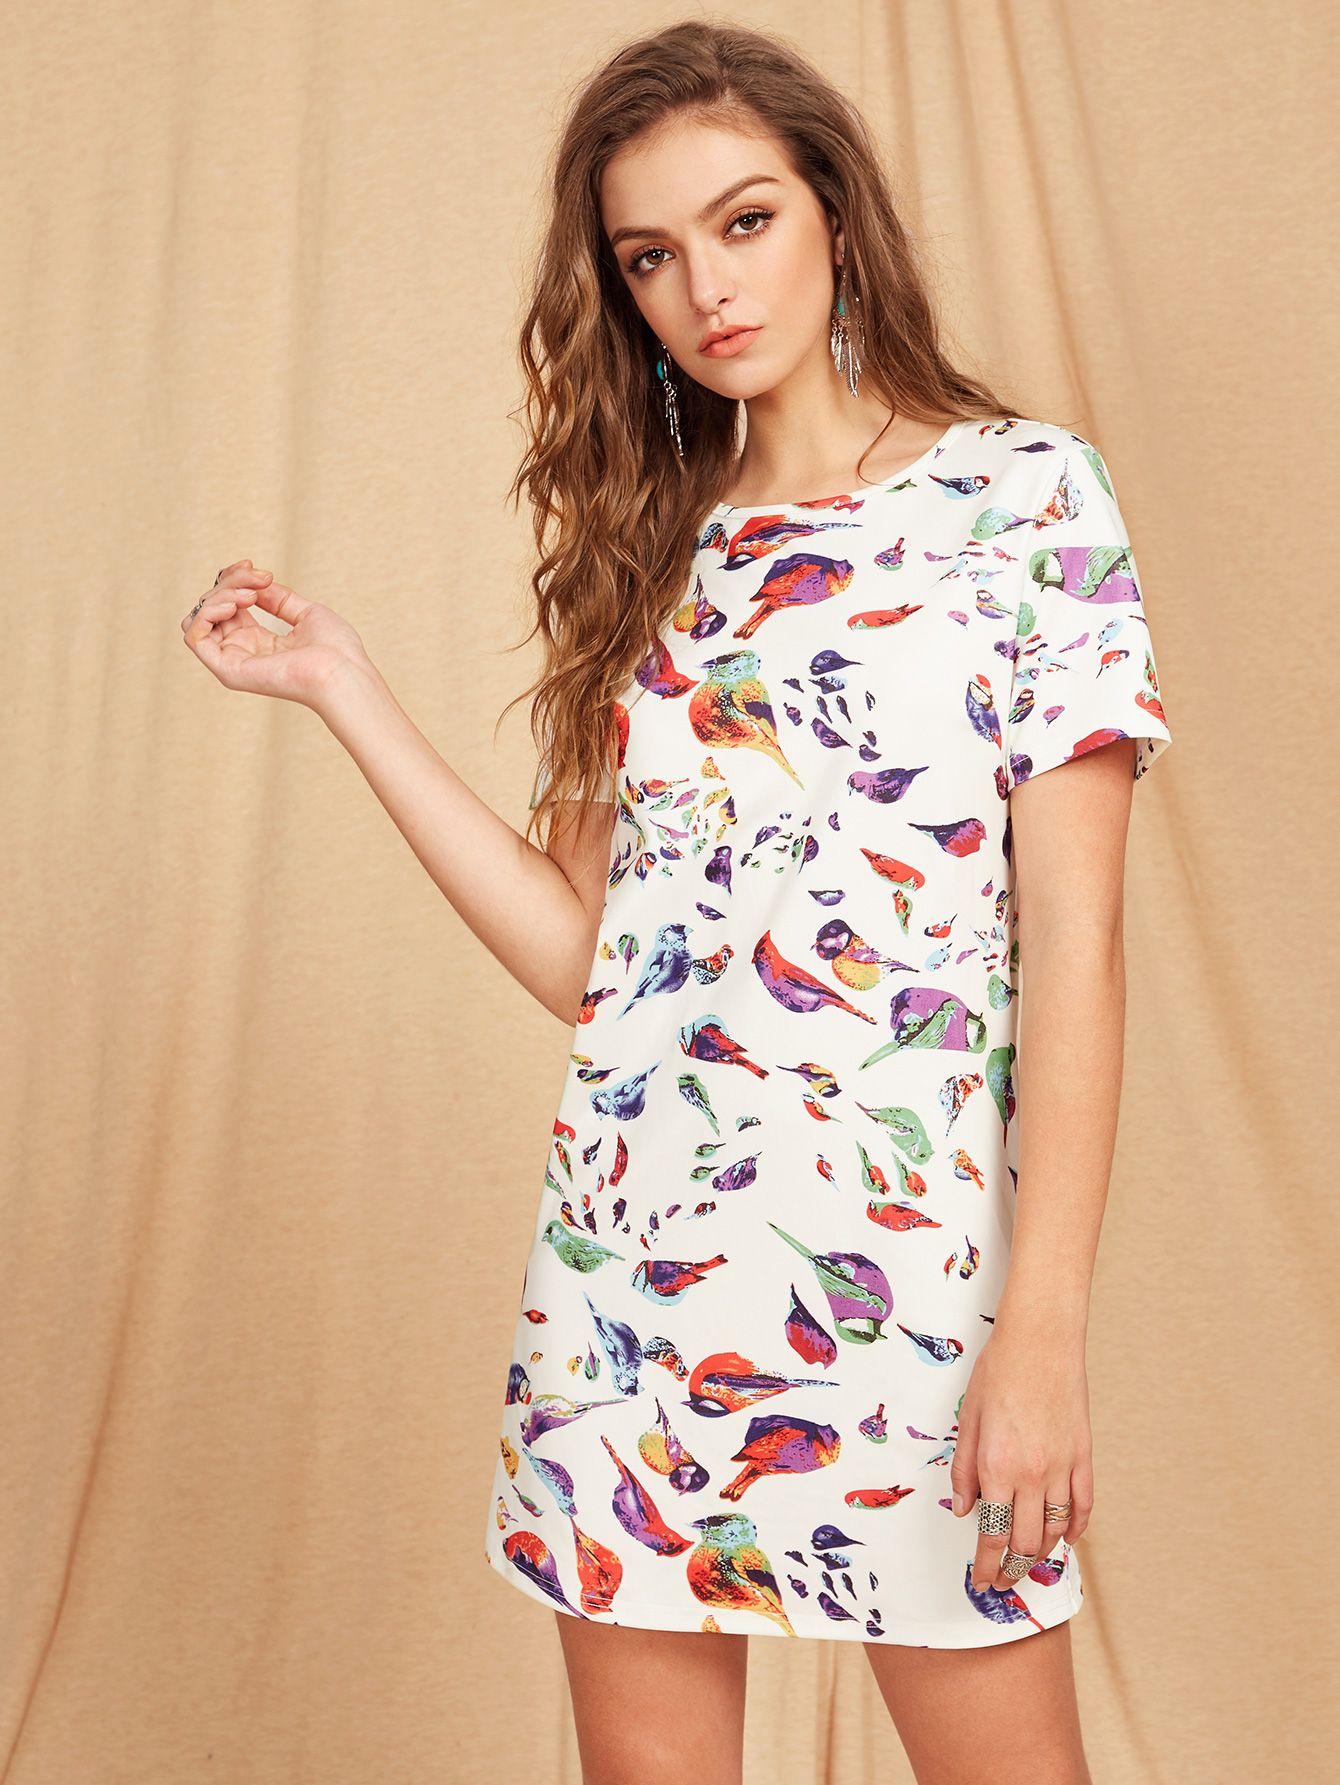 96663b5f12a16 ¡Consigue este tipo de vestido informal de SheIn ahora! Haz clic para ver  los detalles. Envíos gratis a toda España. Allover Bird Print Tunic Dress   White ...